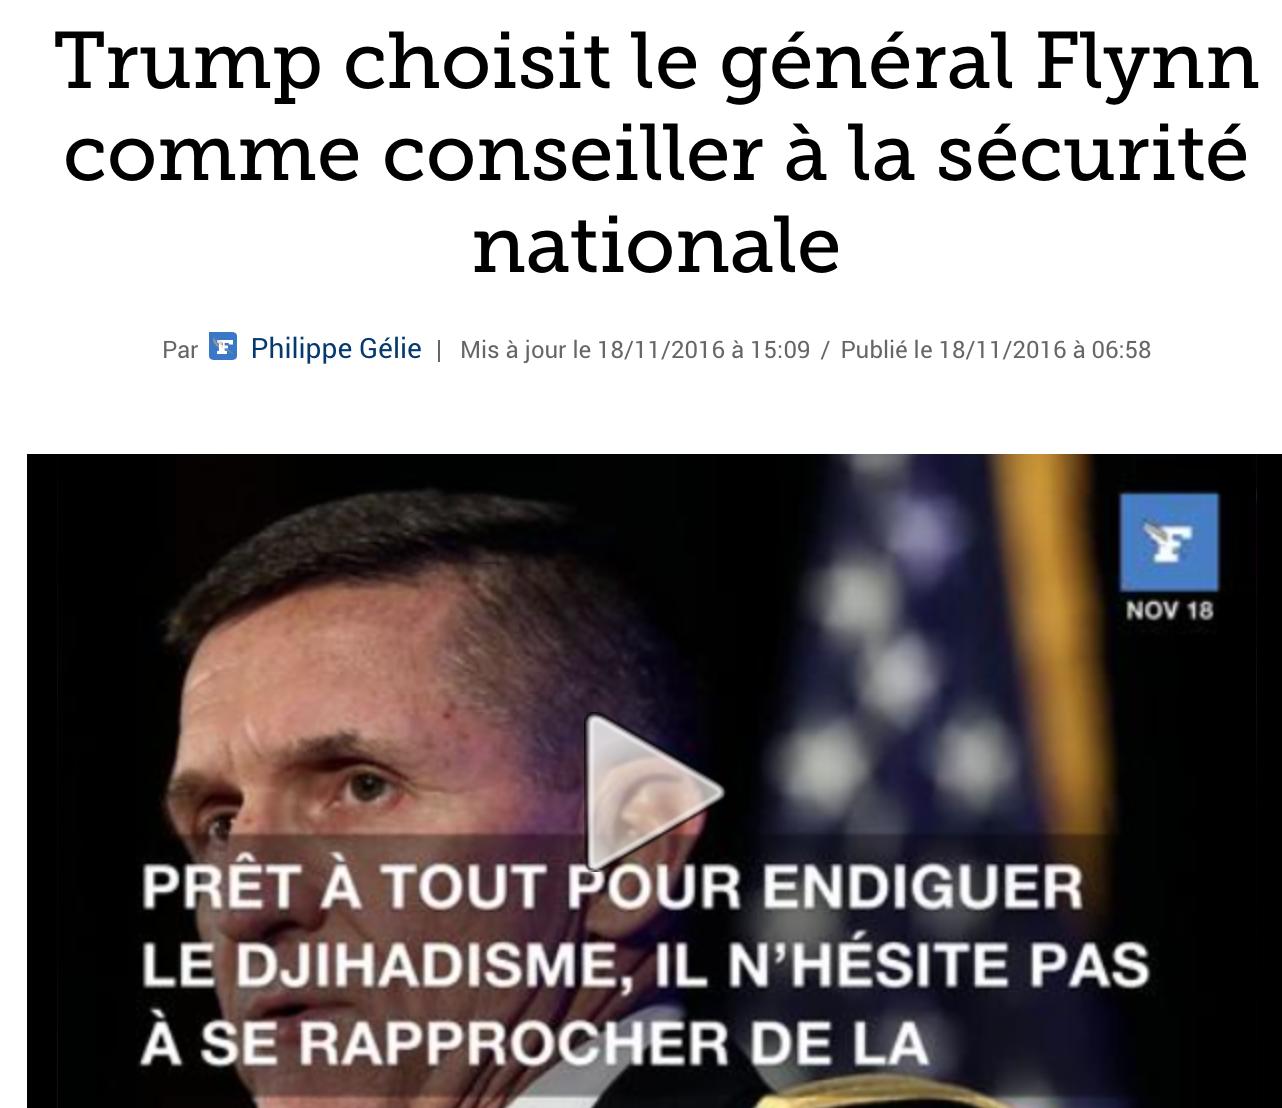 L'islamophobe Général Flynn, choisi par Trump, subit une campagne médiatique diffamatoire